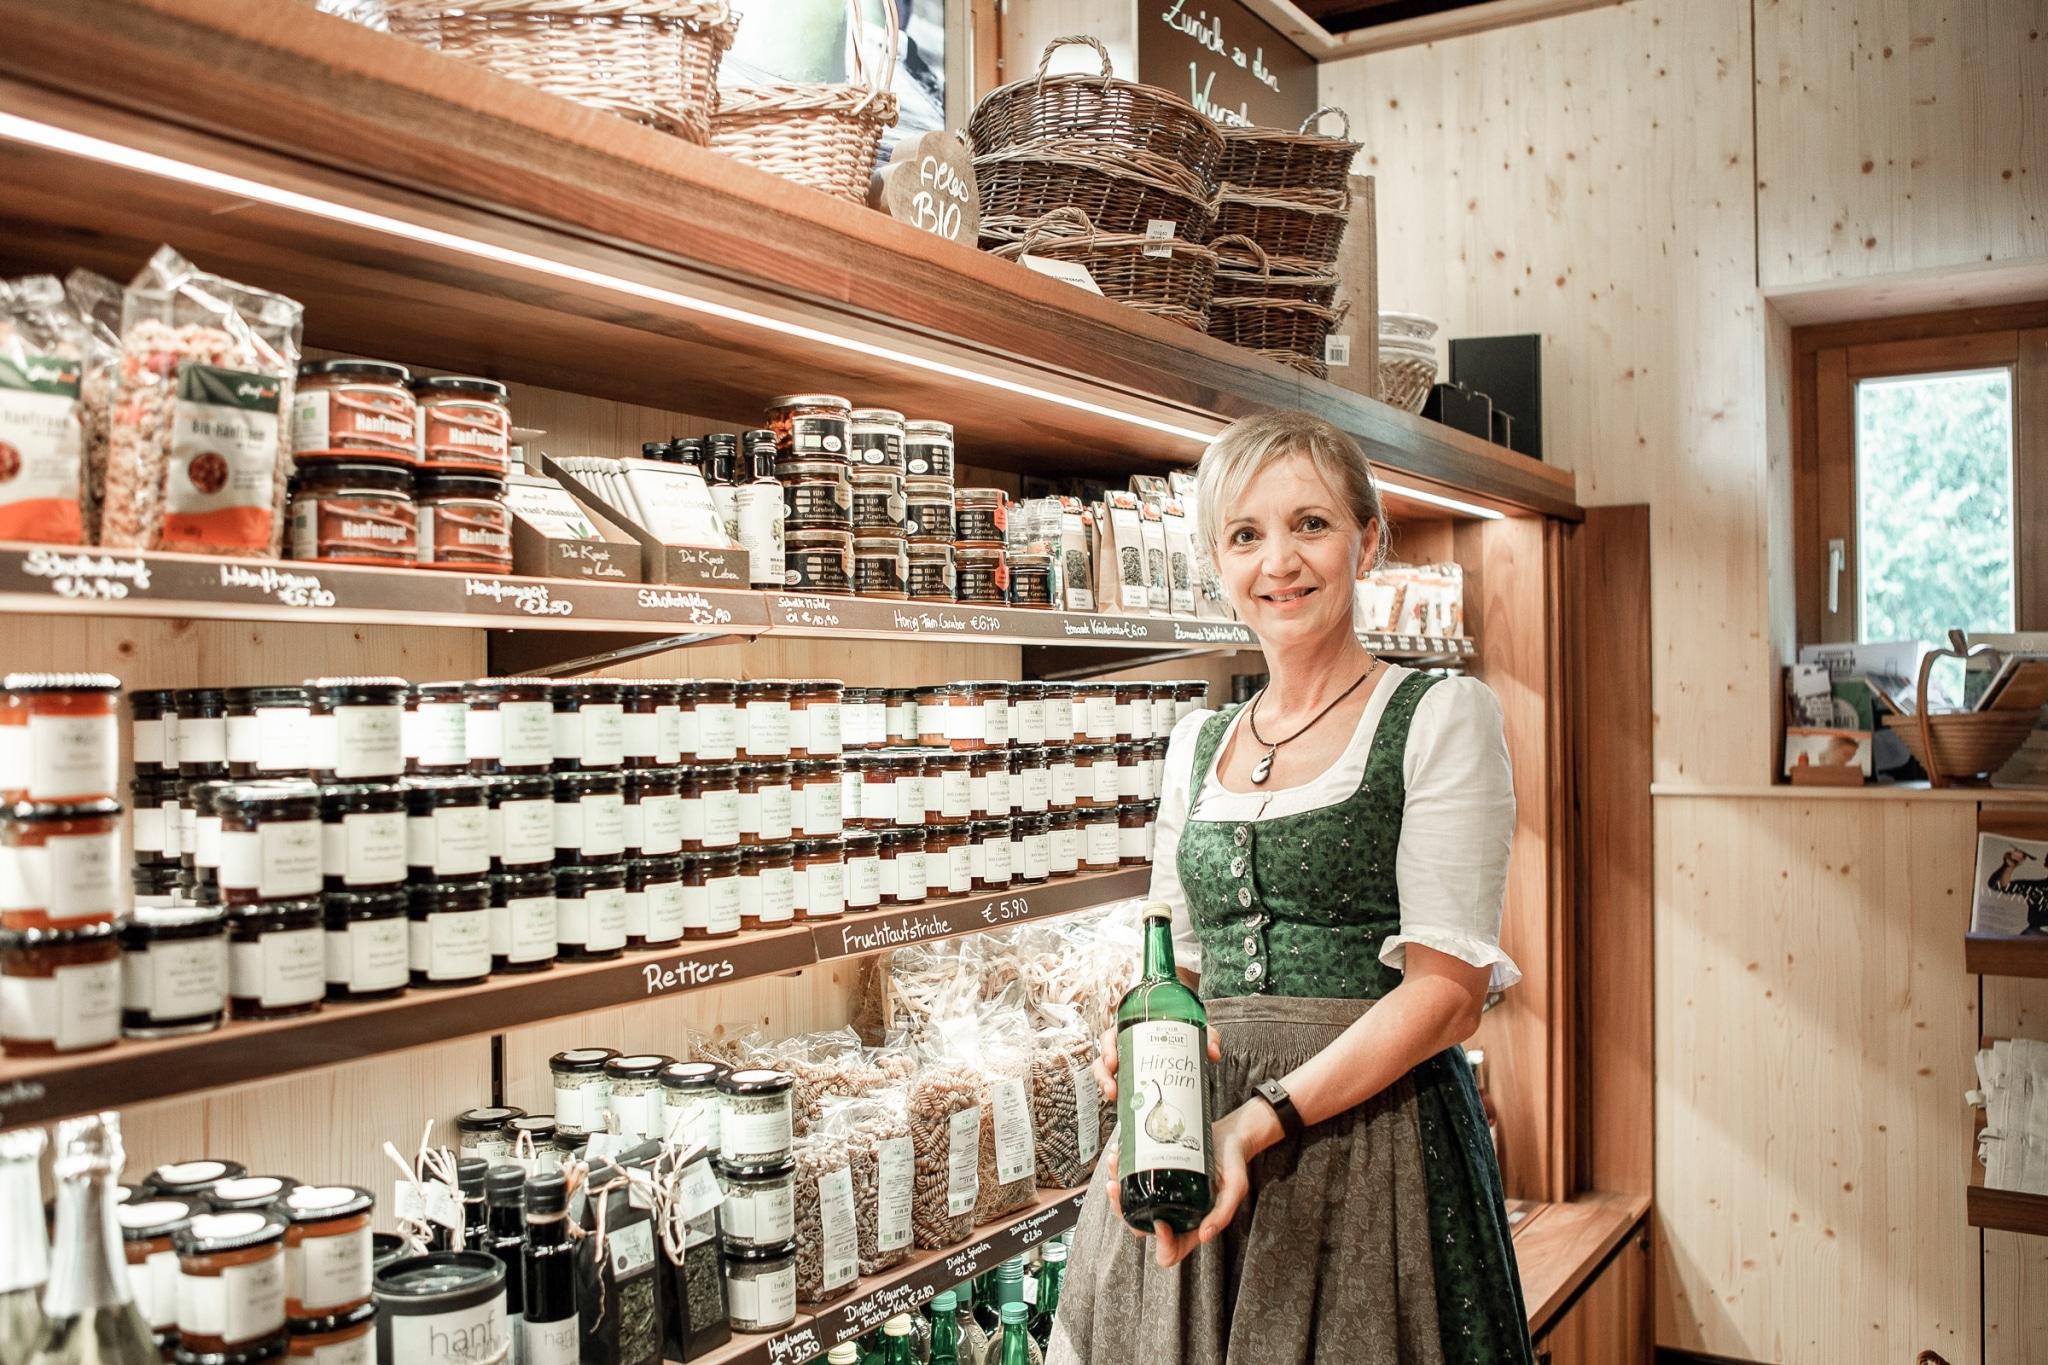 Hausgemachte Bio-Köstlichkeiten gibt es im Bioladen BioGut Retter, Steiermark.